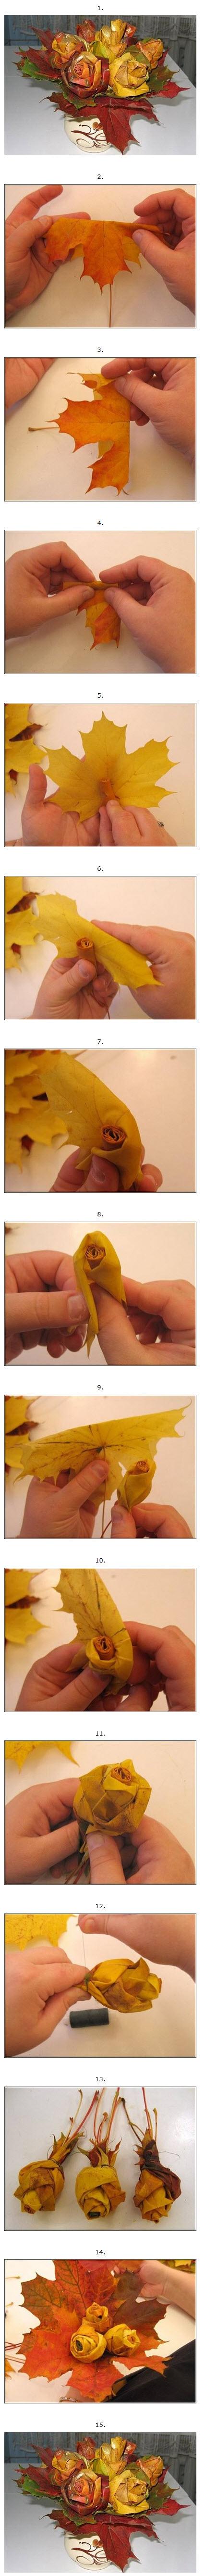 как сделать цветок из кленовых листьев своими руками